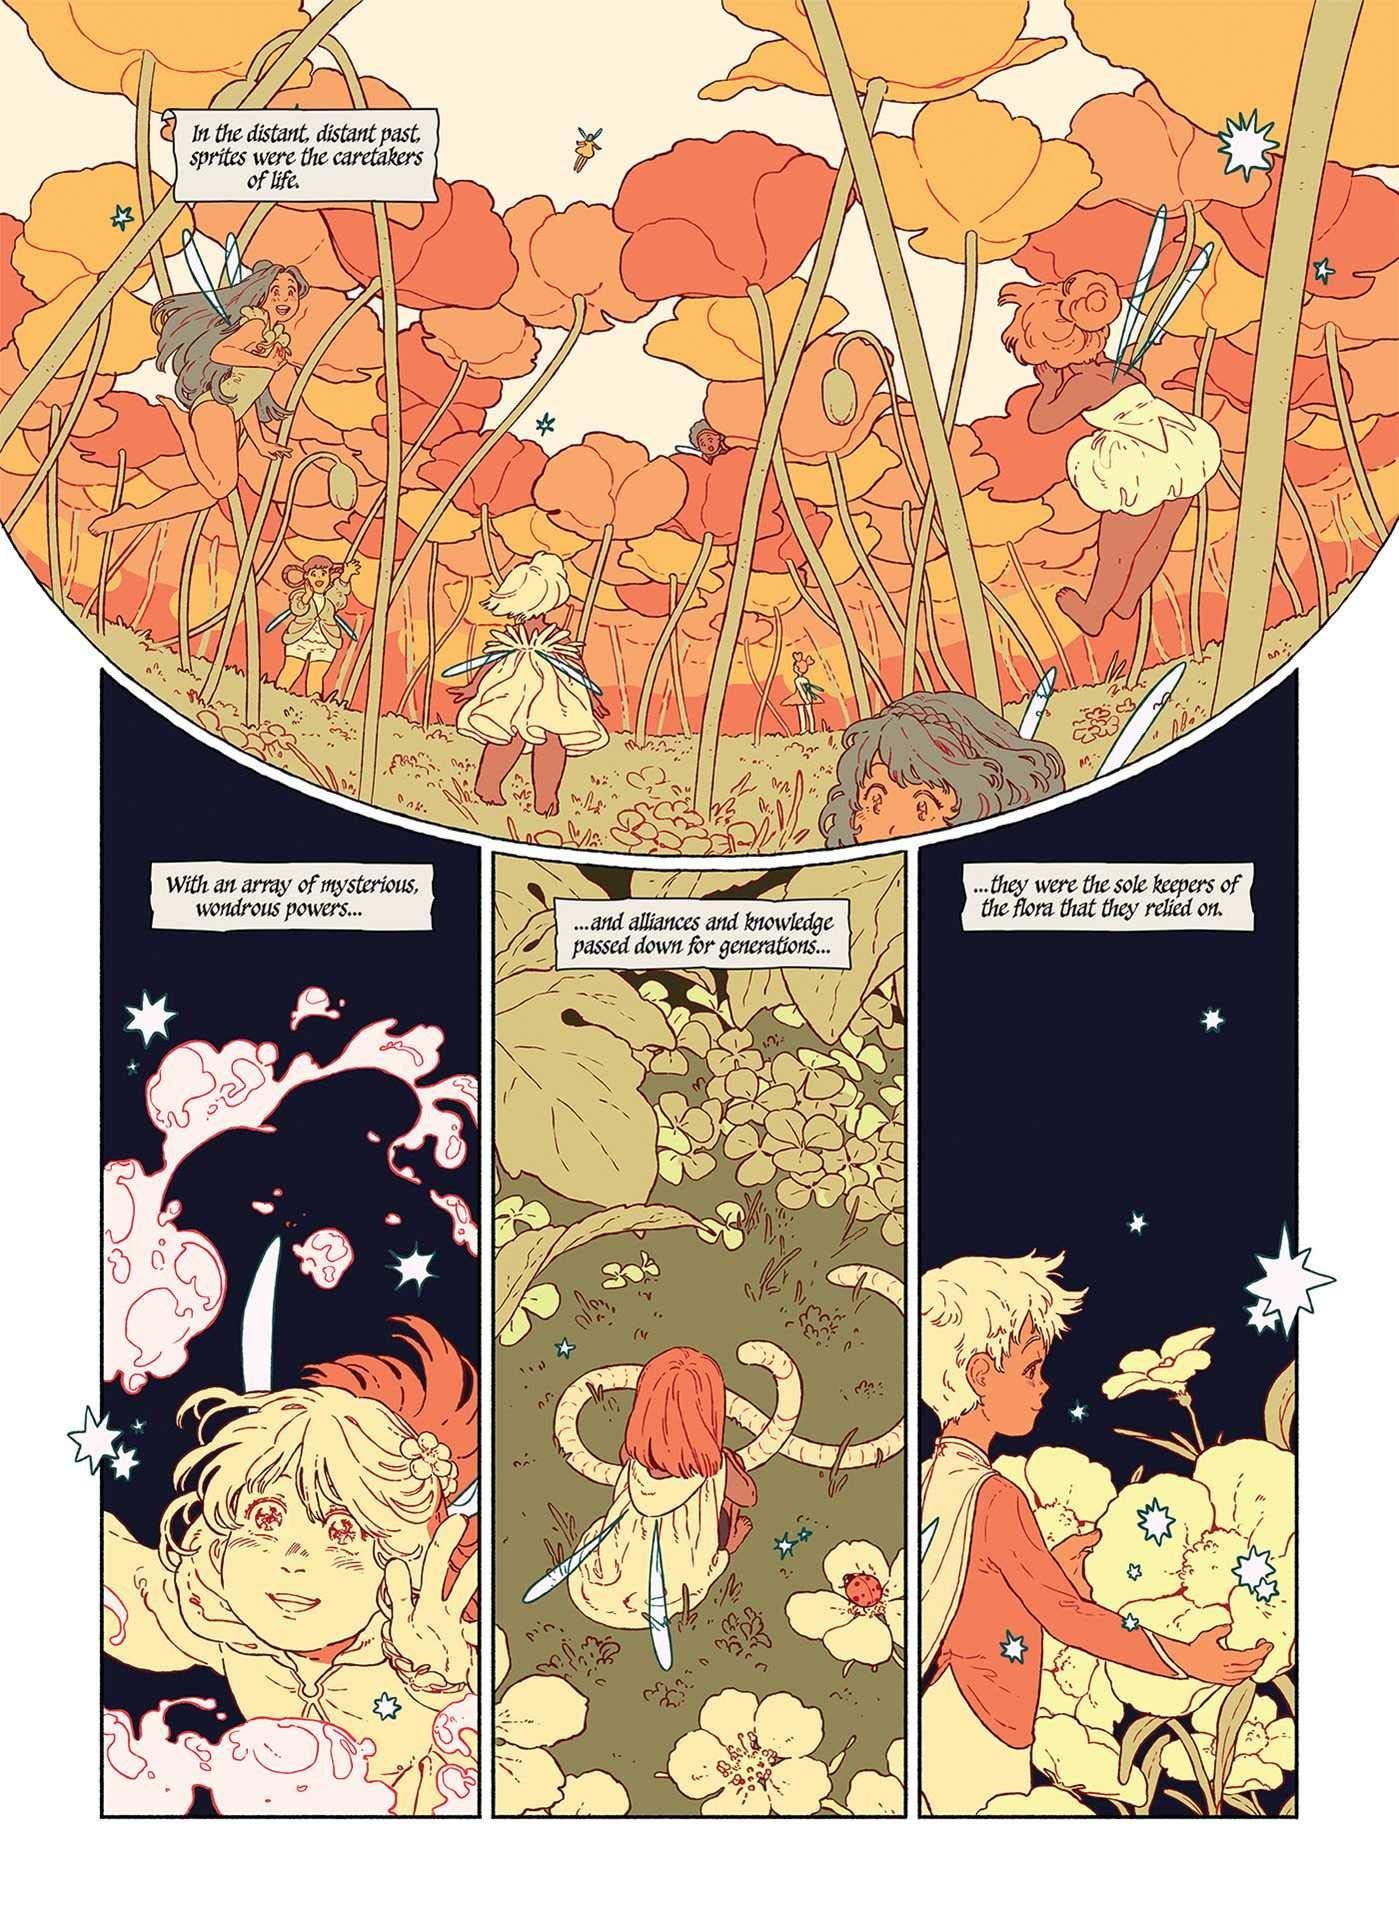 Amazon.com: Sprite and the Gardener (9781620109069): Whitt, Joe, Abrego,  Rii: Books